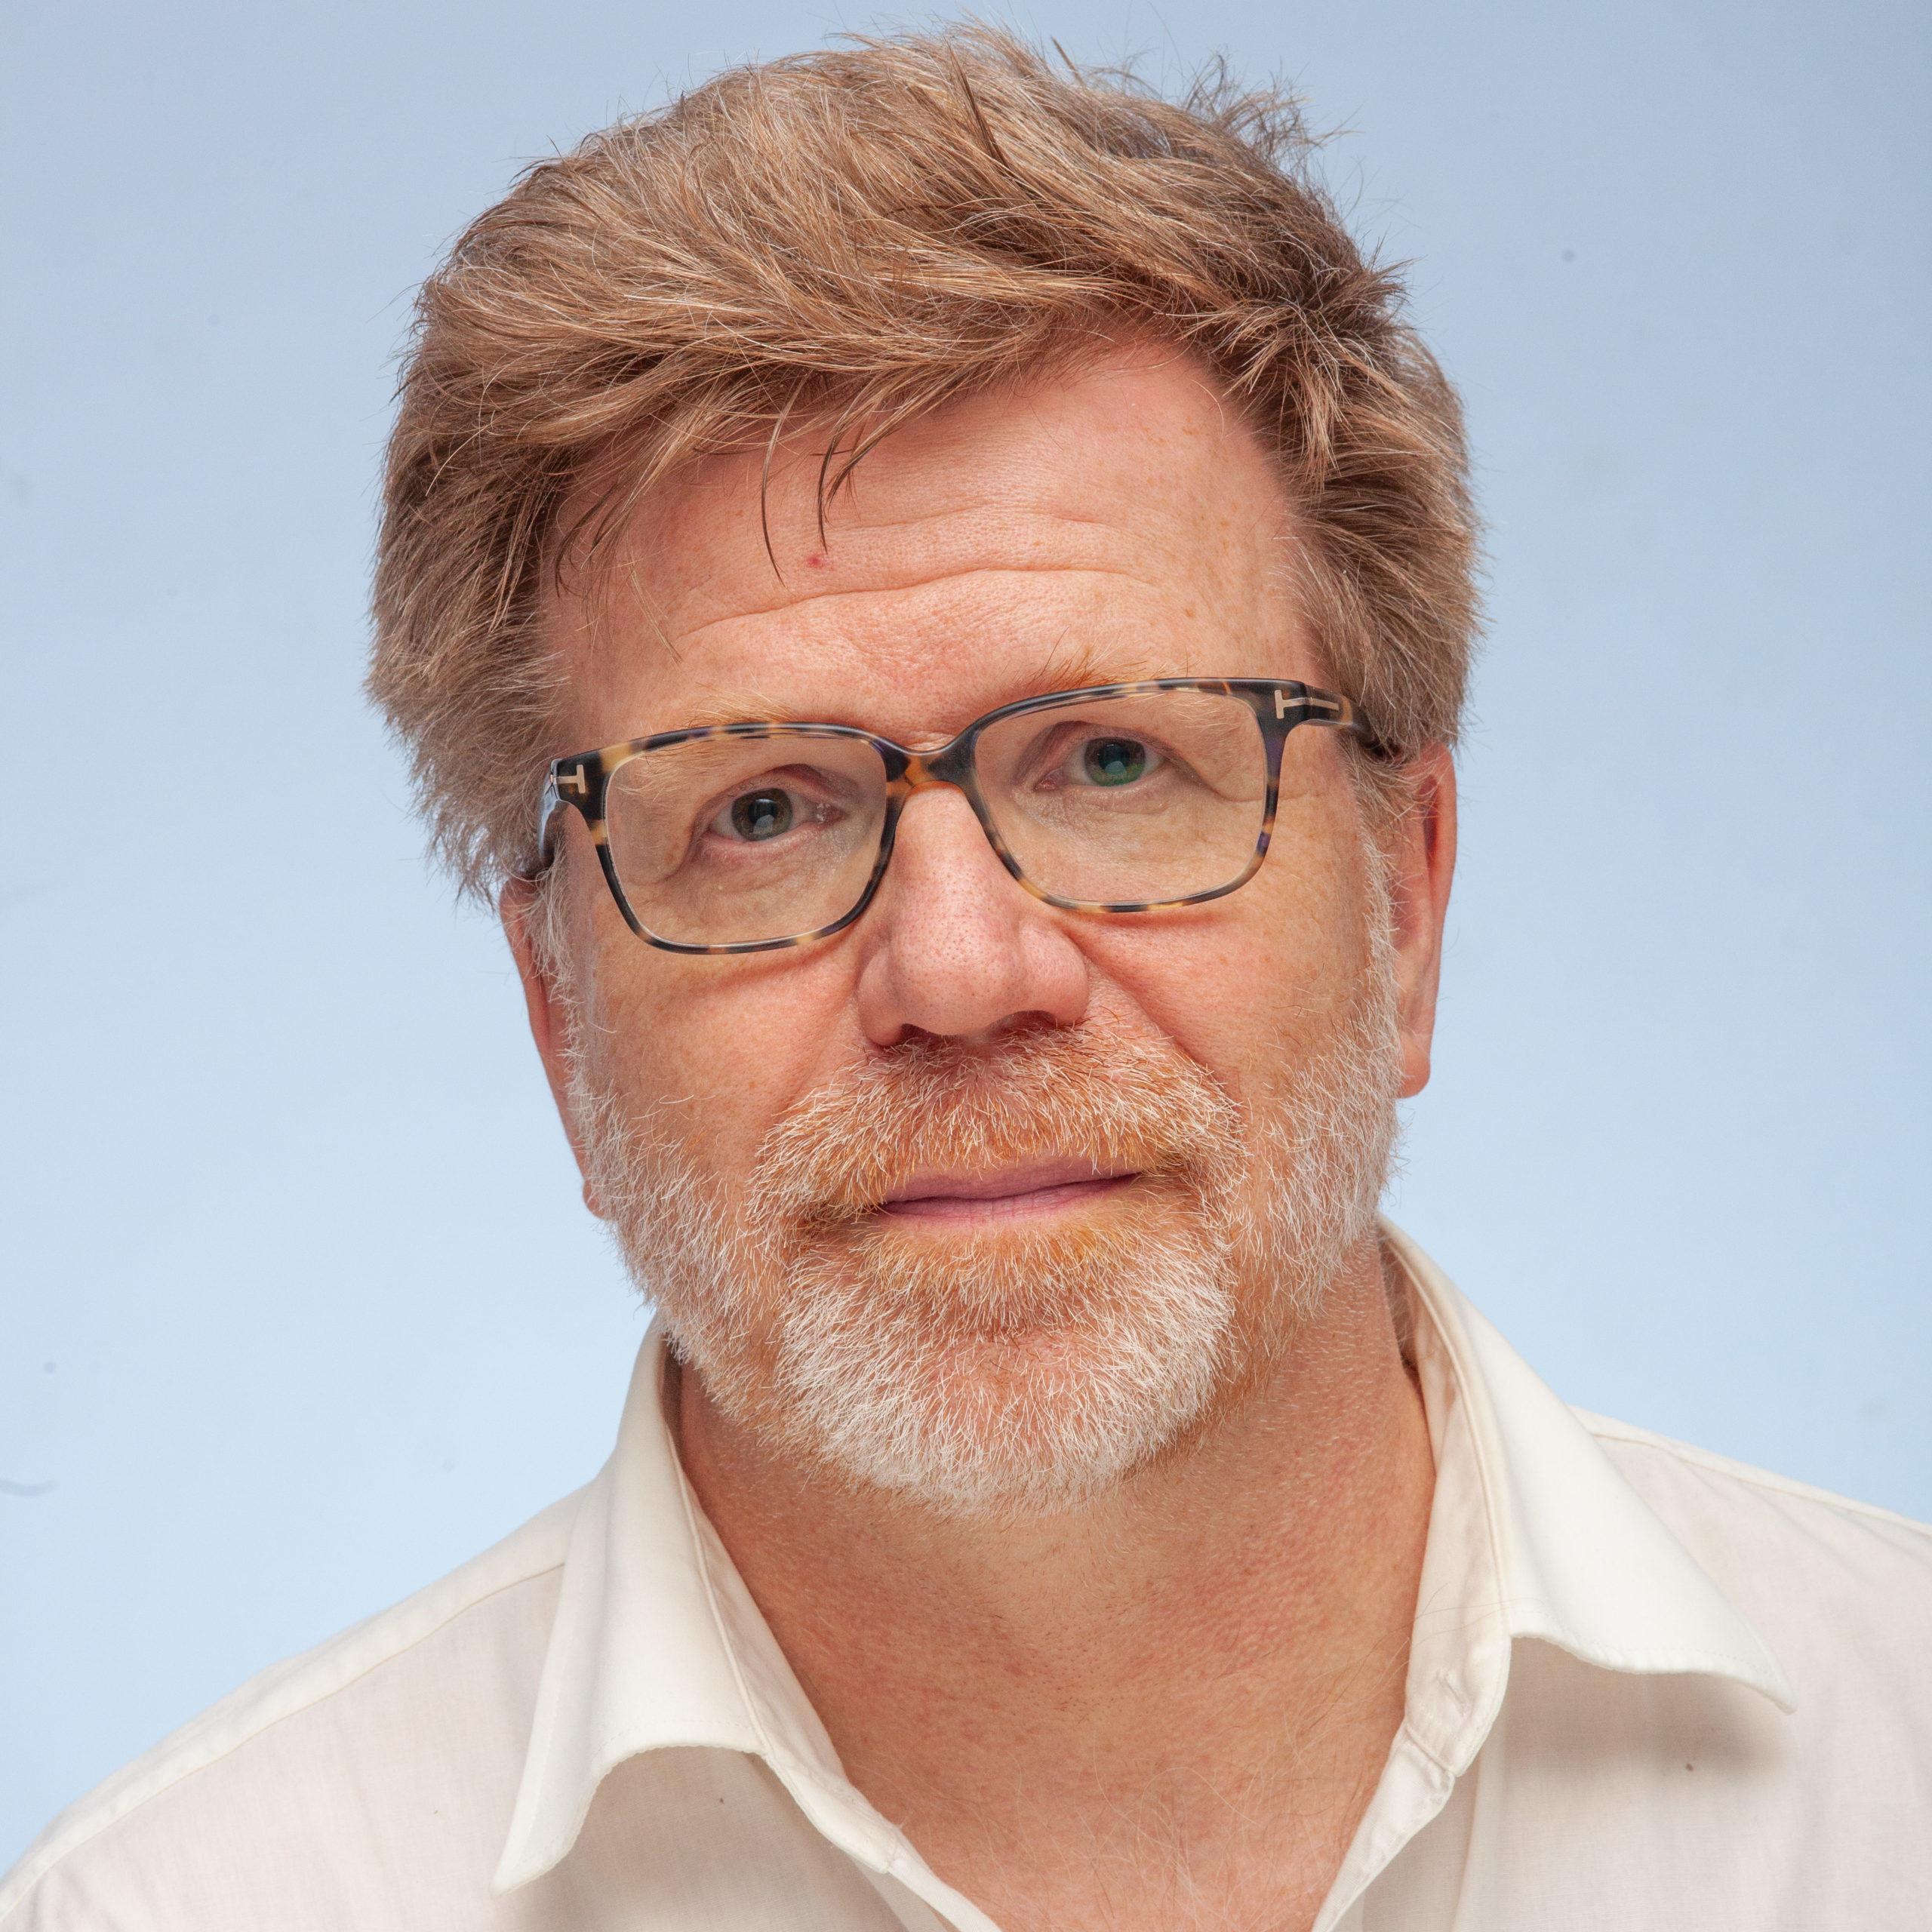 Joost Horsten, gespecialiseerd relatietherapeut polyamorie en open relaties